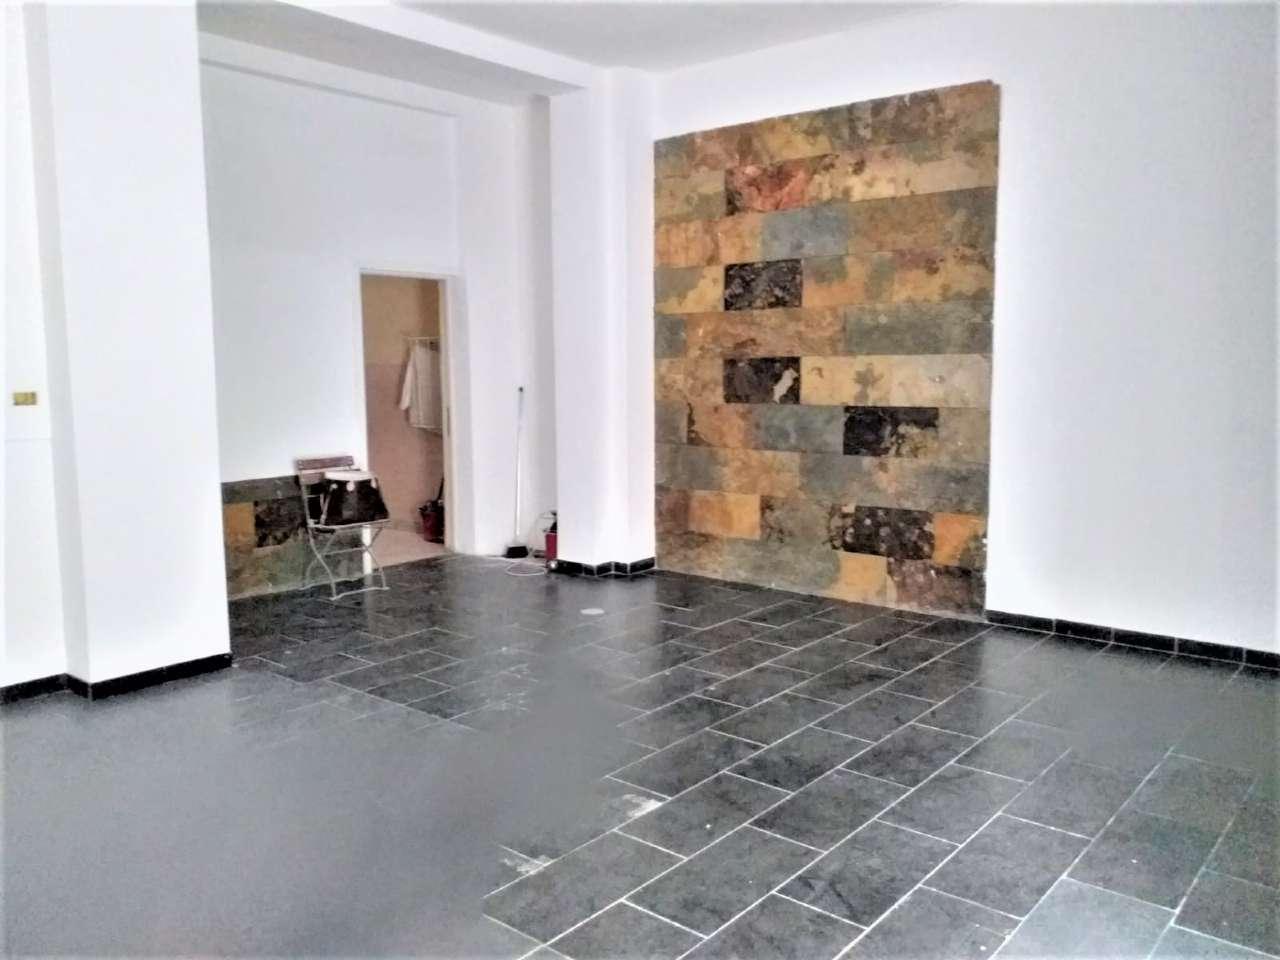 Negozio / Locale in vendita a Roma, 1 locali, zona Zona: 3 . Trieste - Somalia - Salario, prezzo € 290.000 | CambioCasa.it